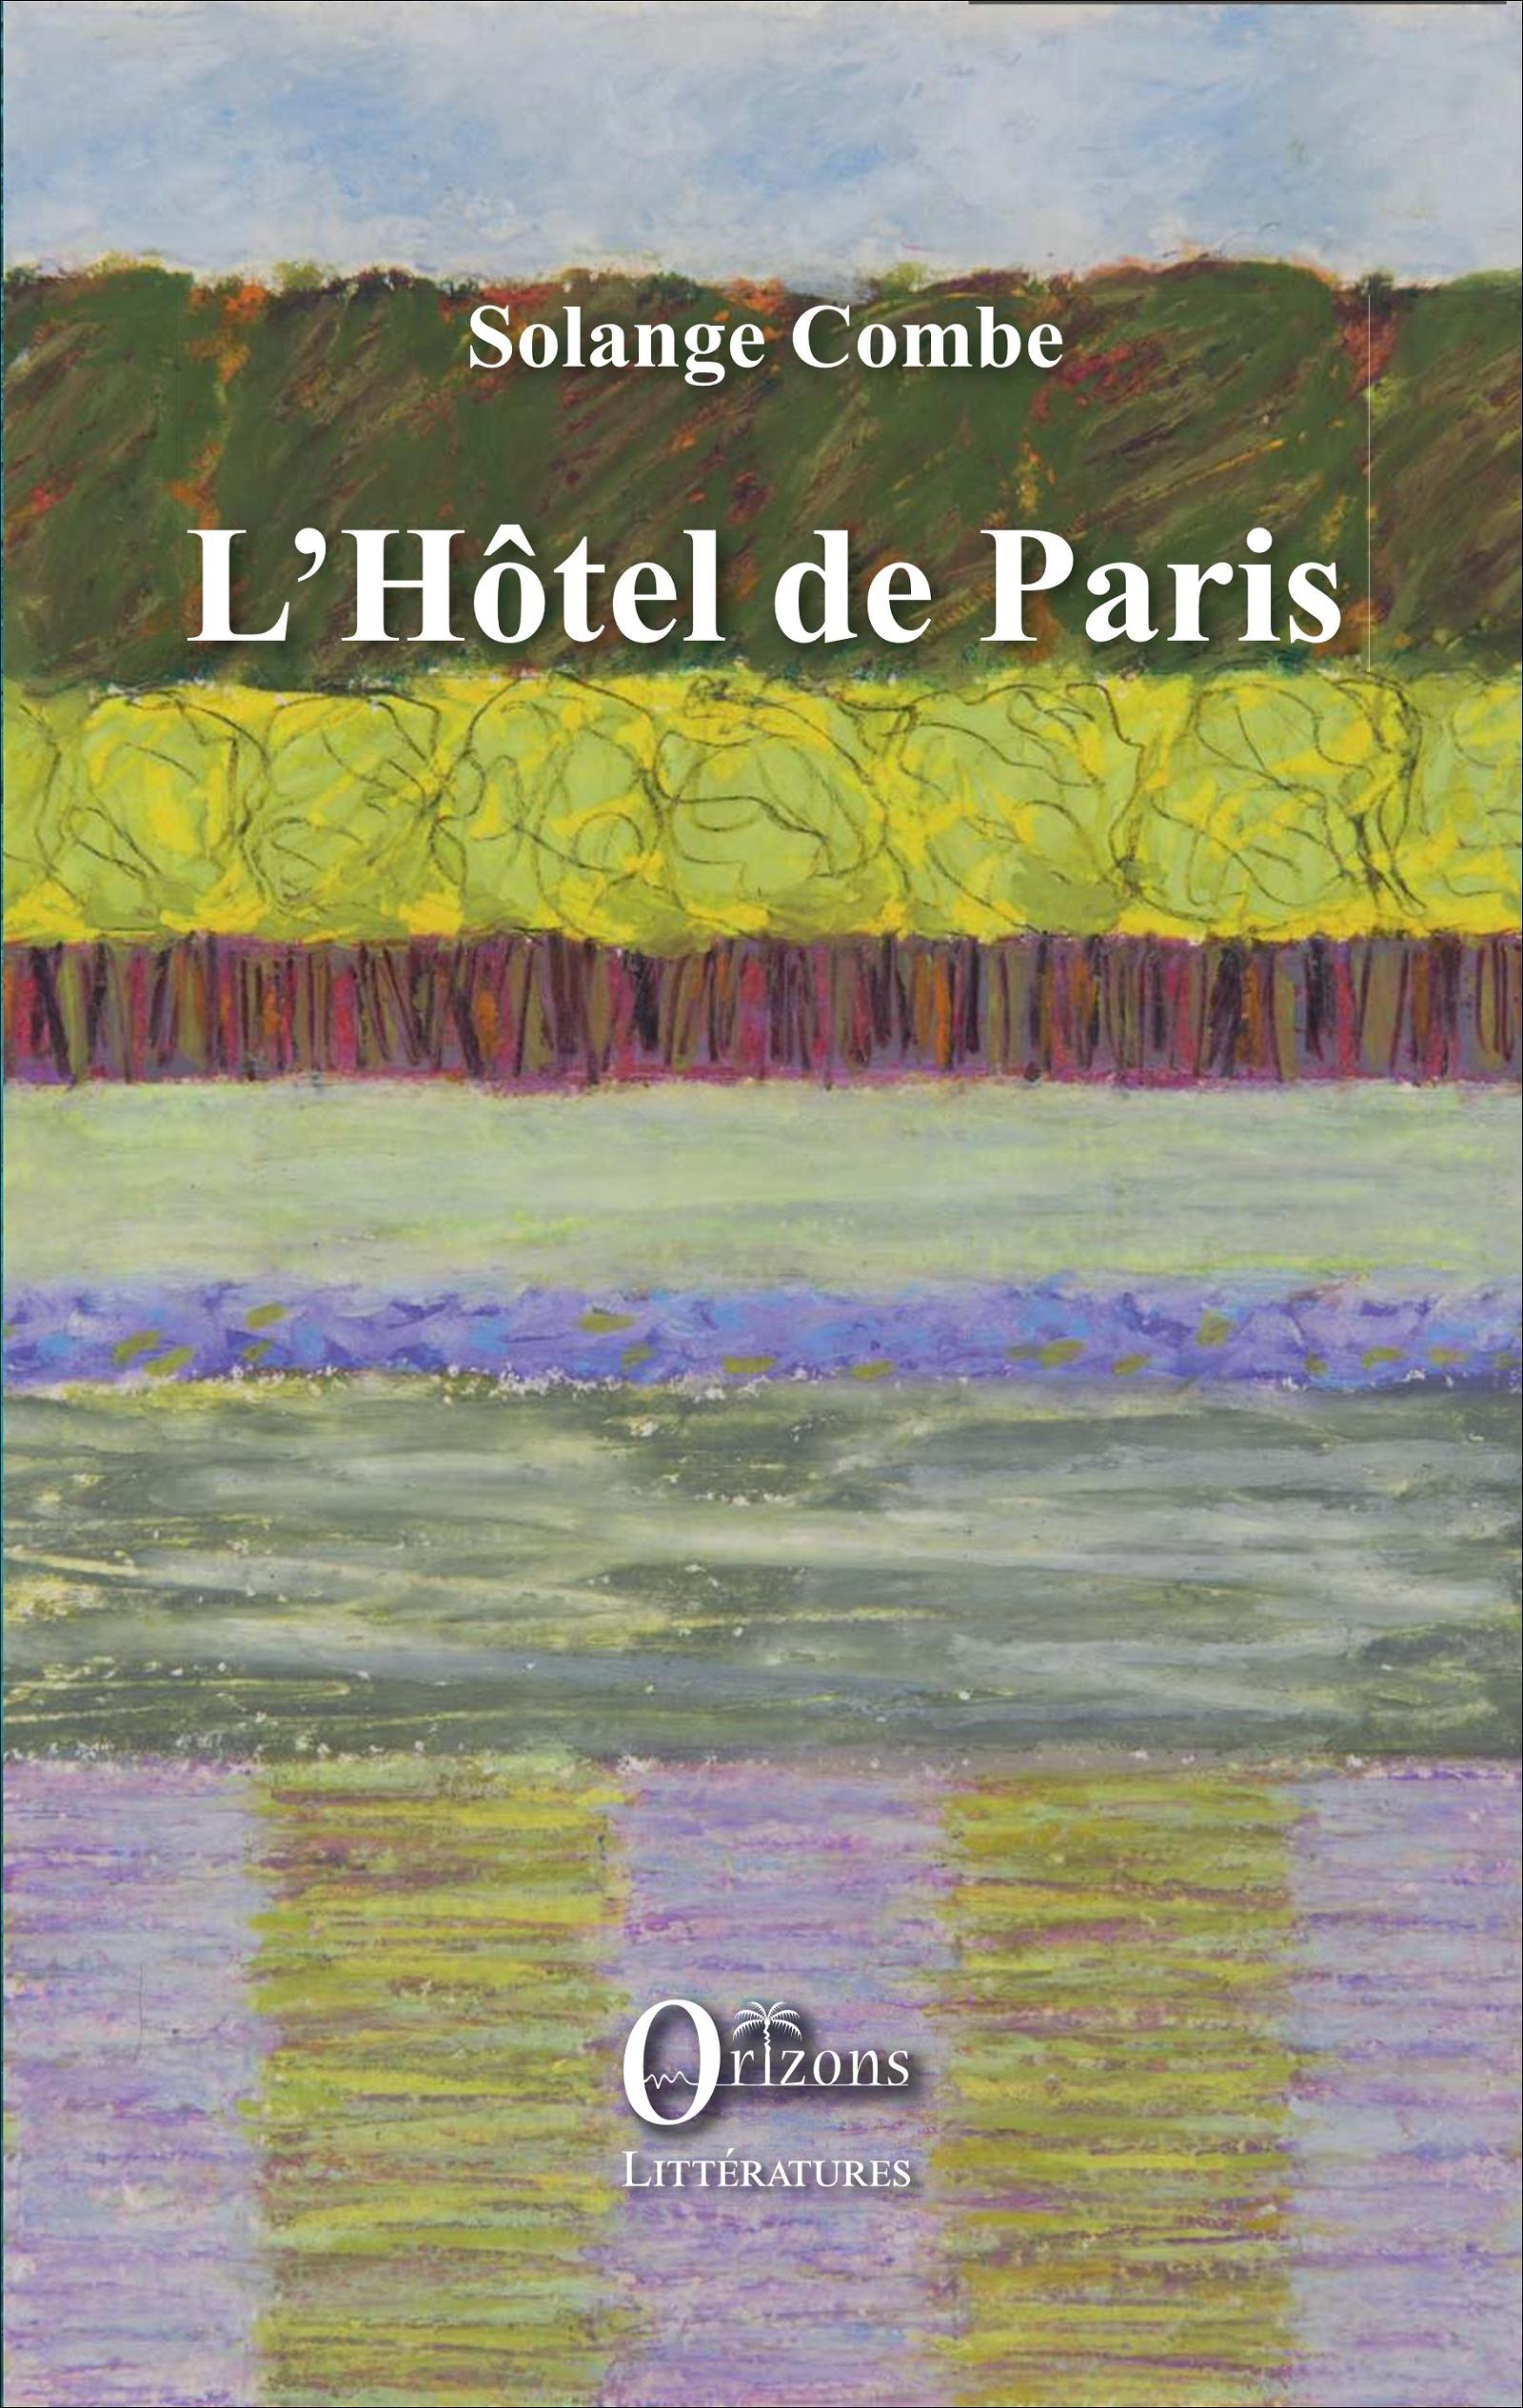 De Livre L'hôtel Solange Combe Epub Paris Ebook TwnP4Rvq